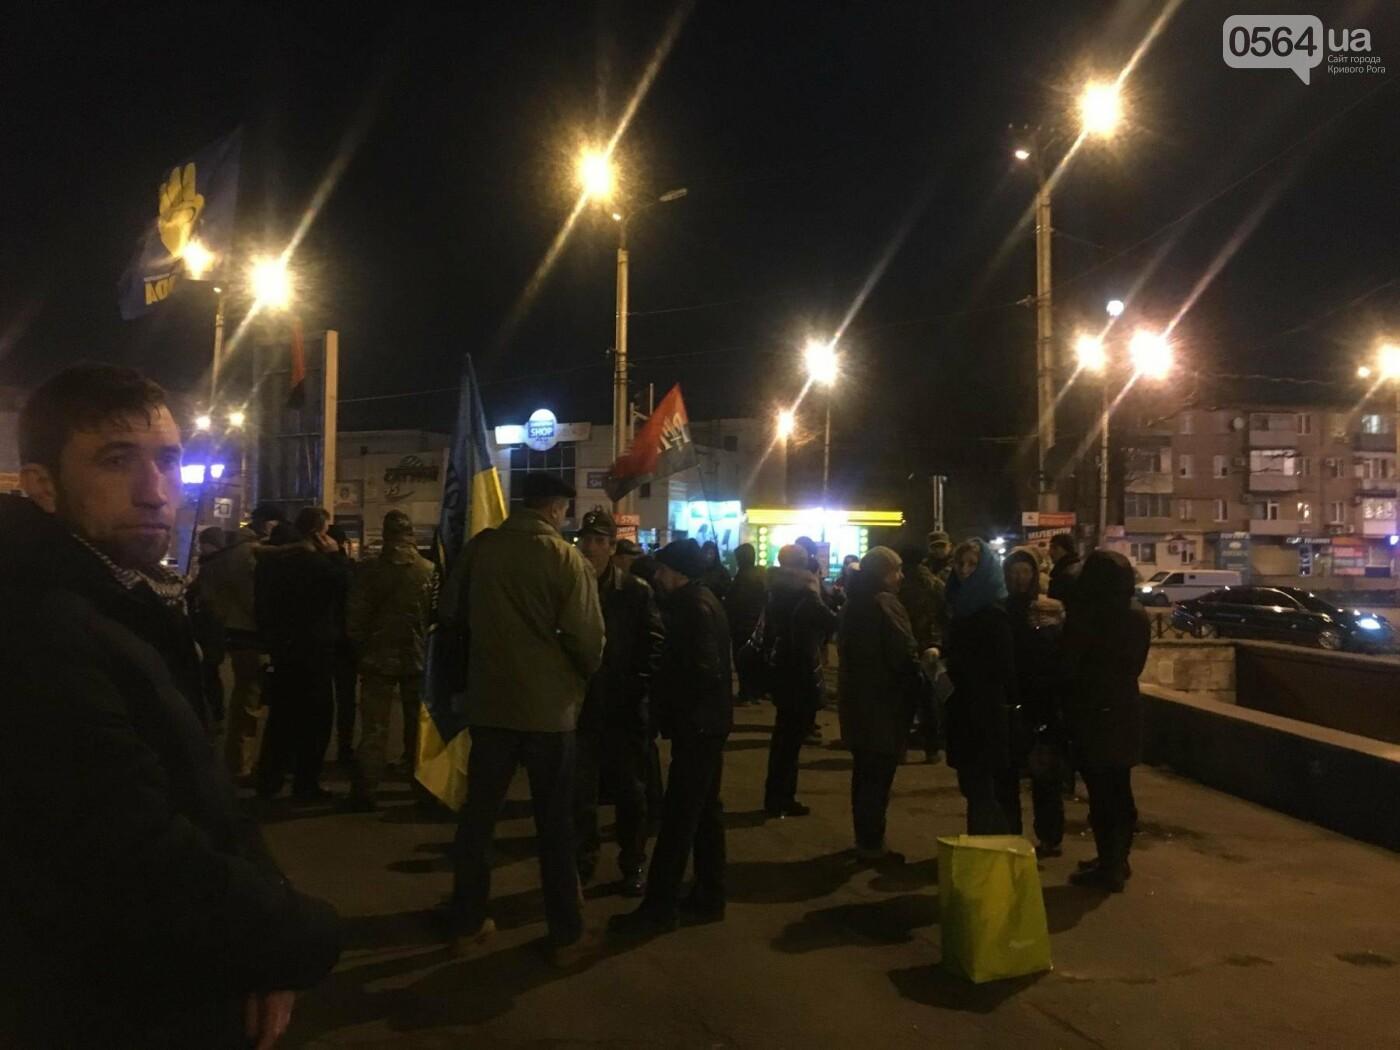 В Кривом Роге проходит Факельный марш в честь Дня рождения Степана Бандеры (ФОТО, ВИДЕО), фото-16